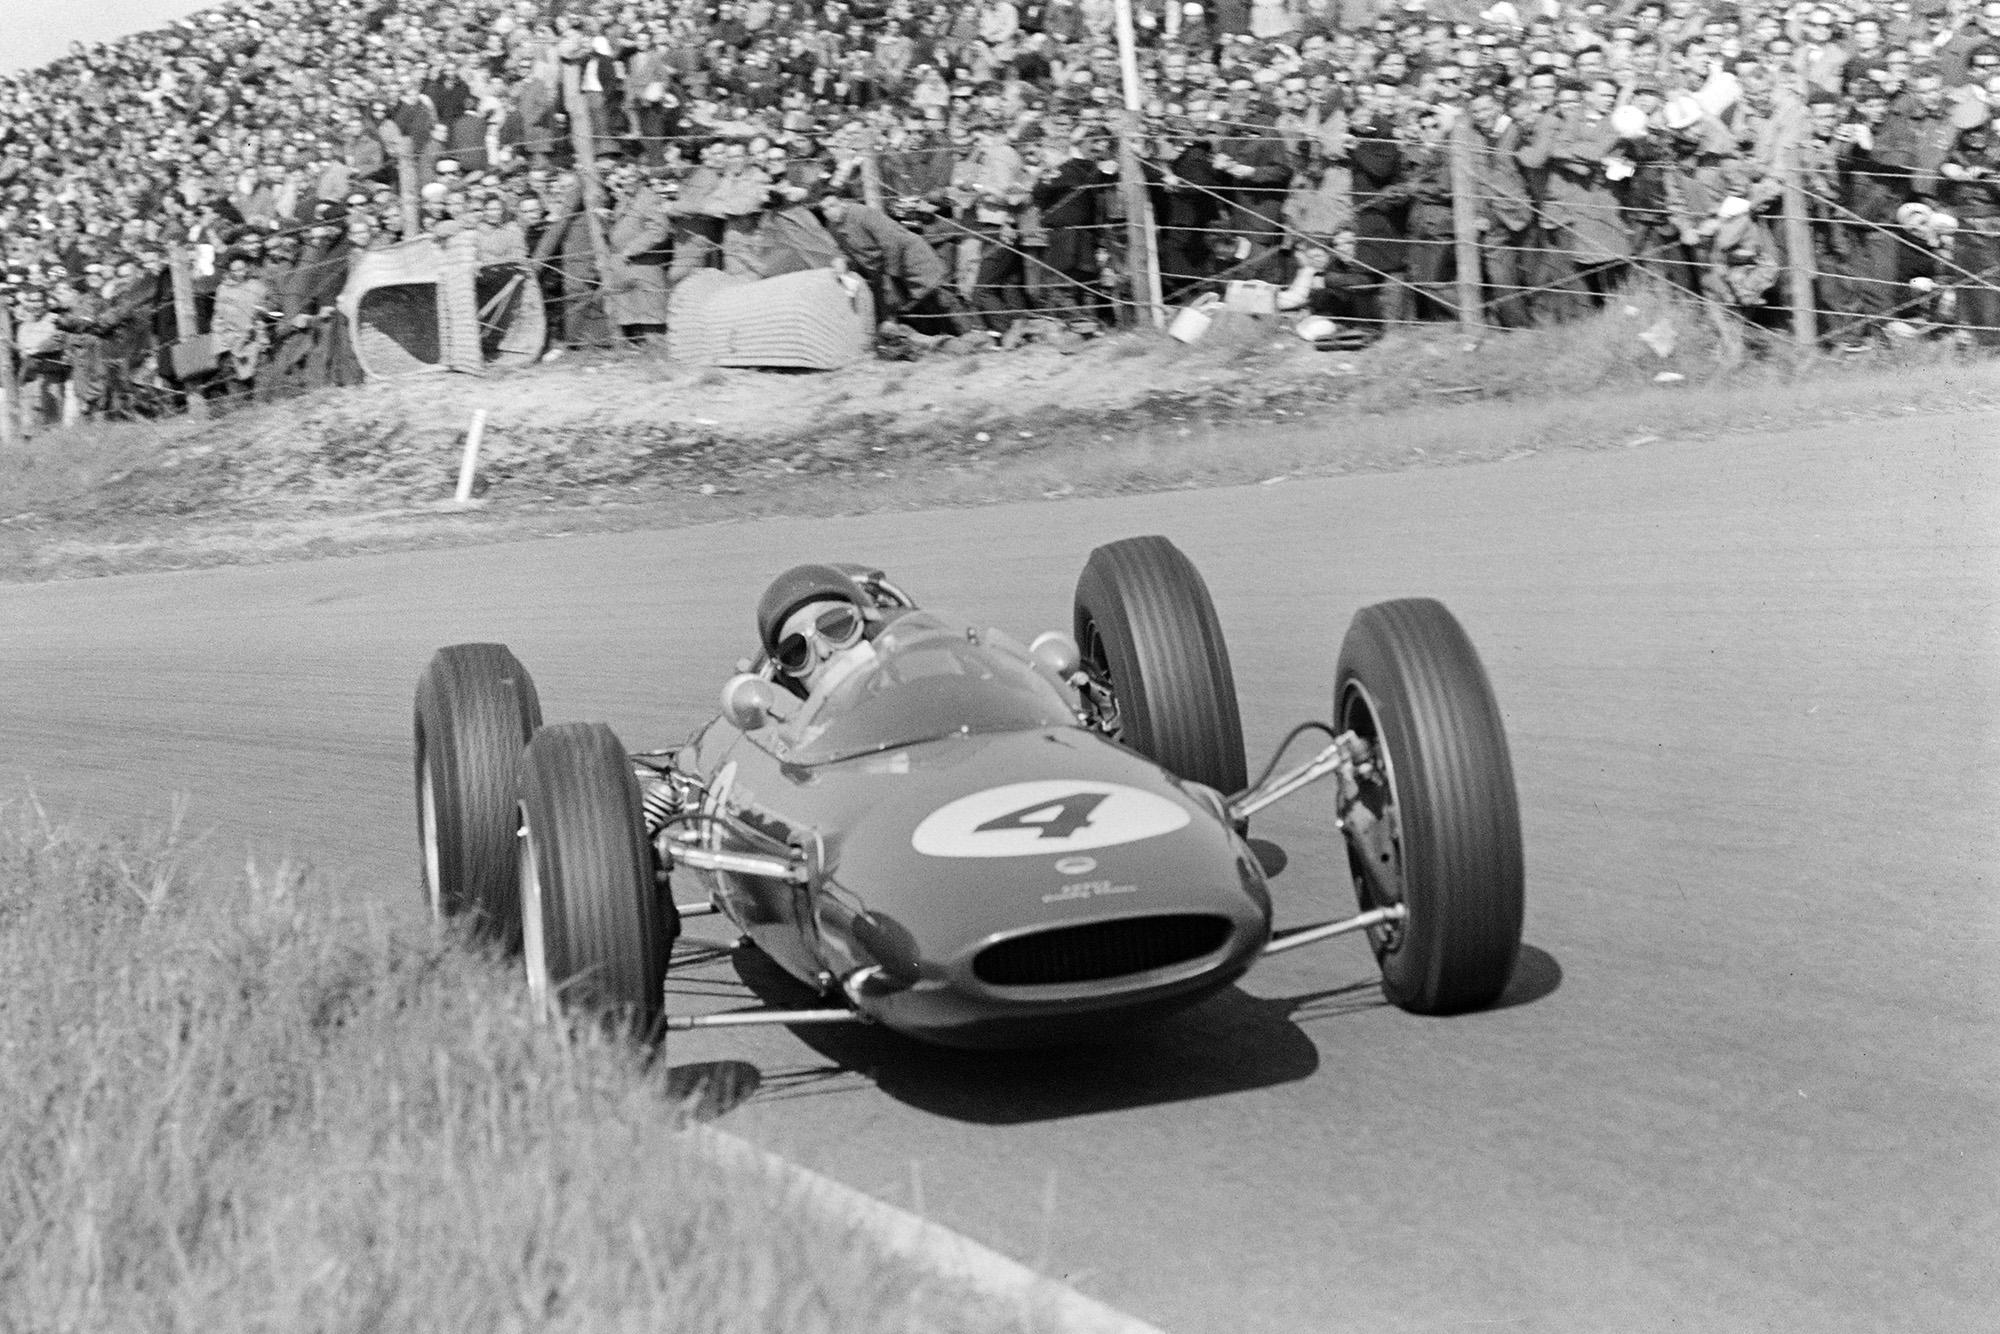 Clark led until mechanical failure on lap 11